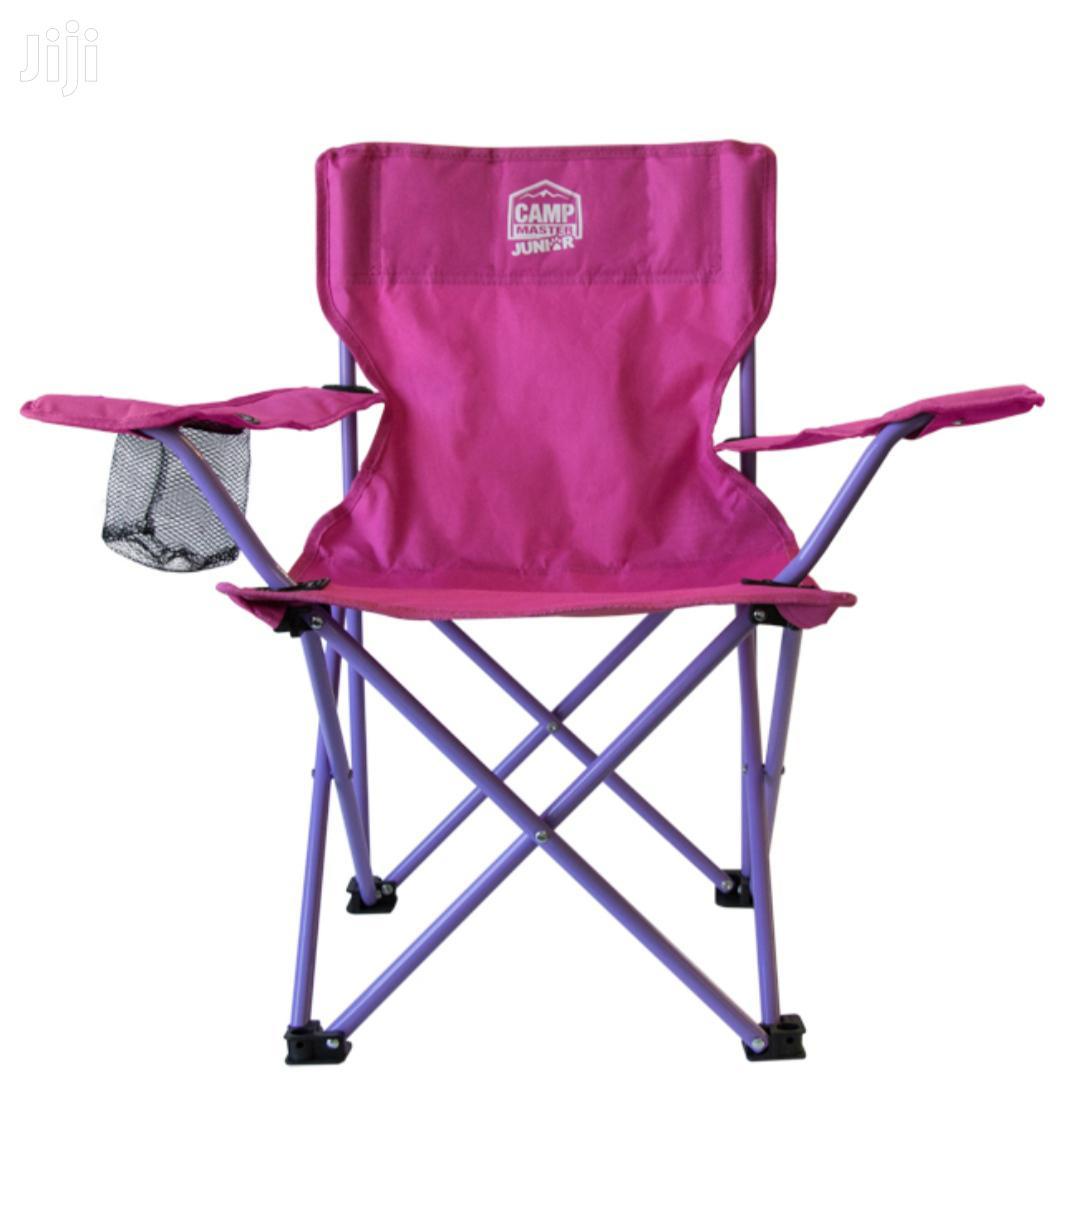 Camp Master Junior Adventure Chair